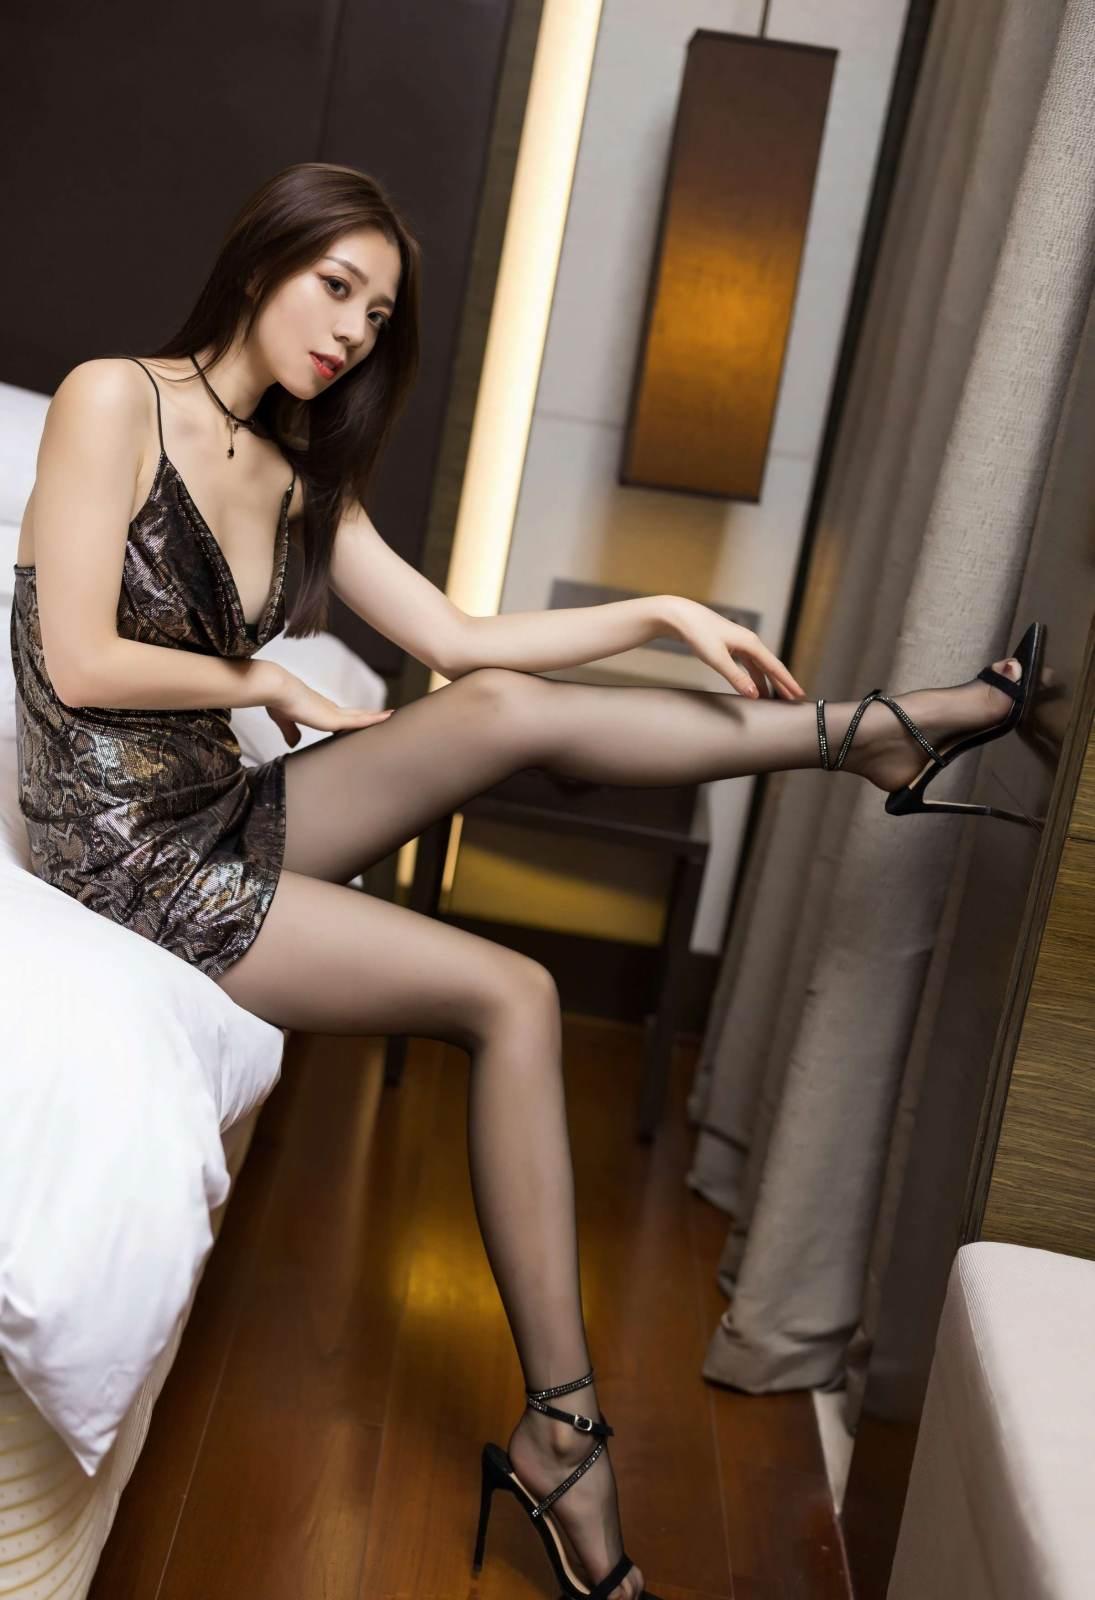 第190期长腿黑丝写真照言沫(黑丝,高跟,大长腿)_图片4